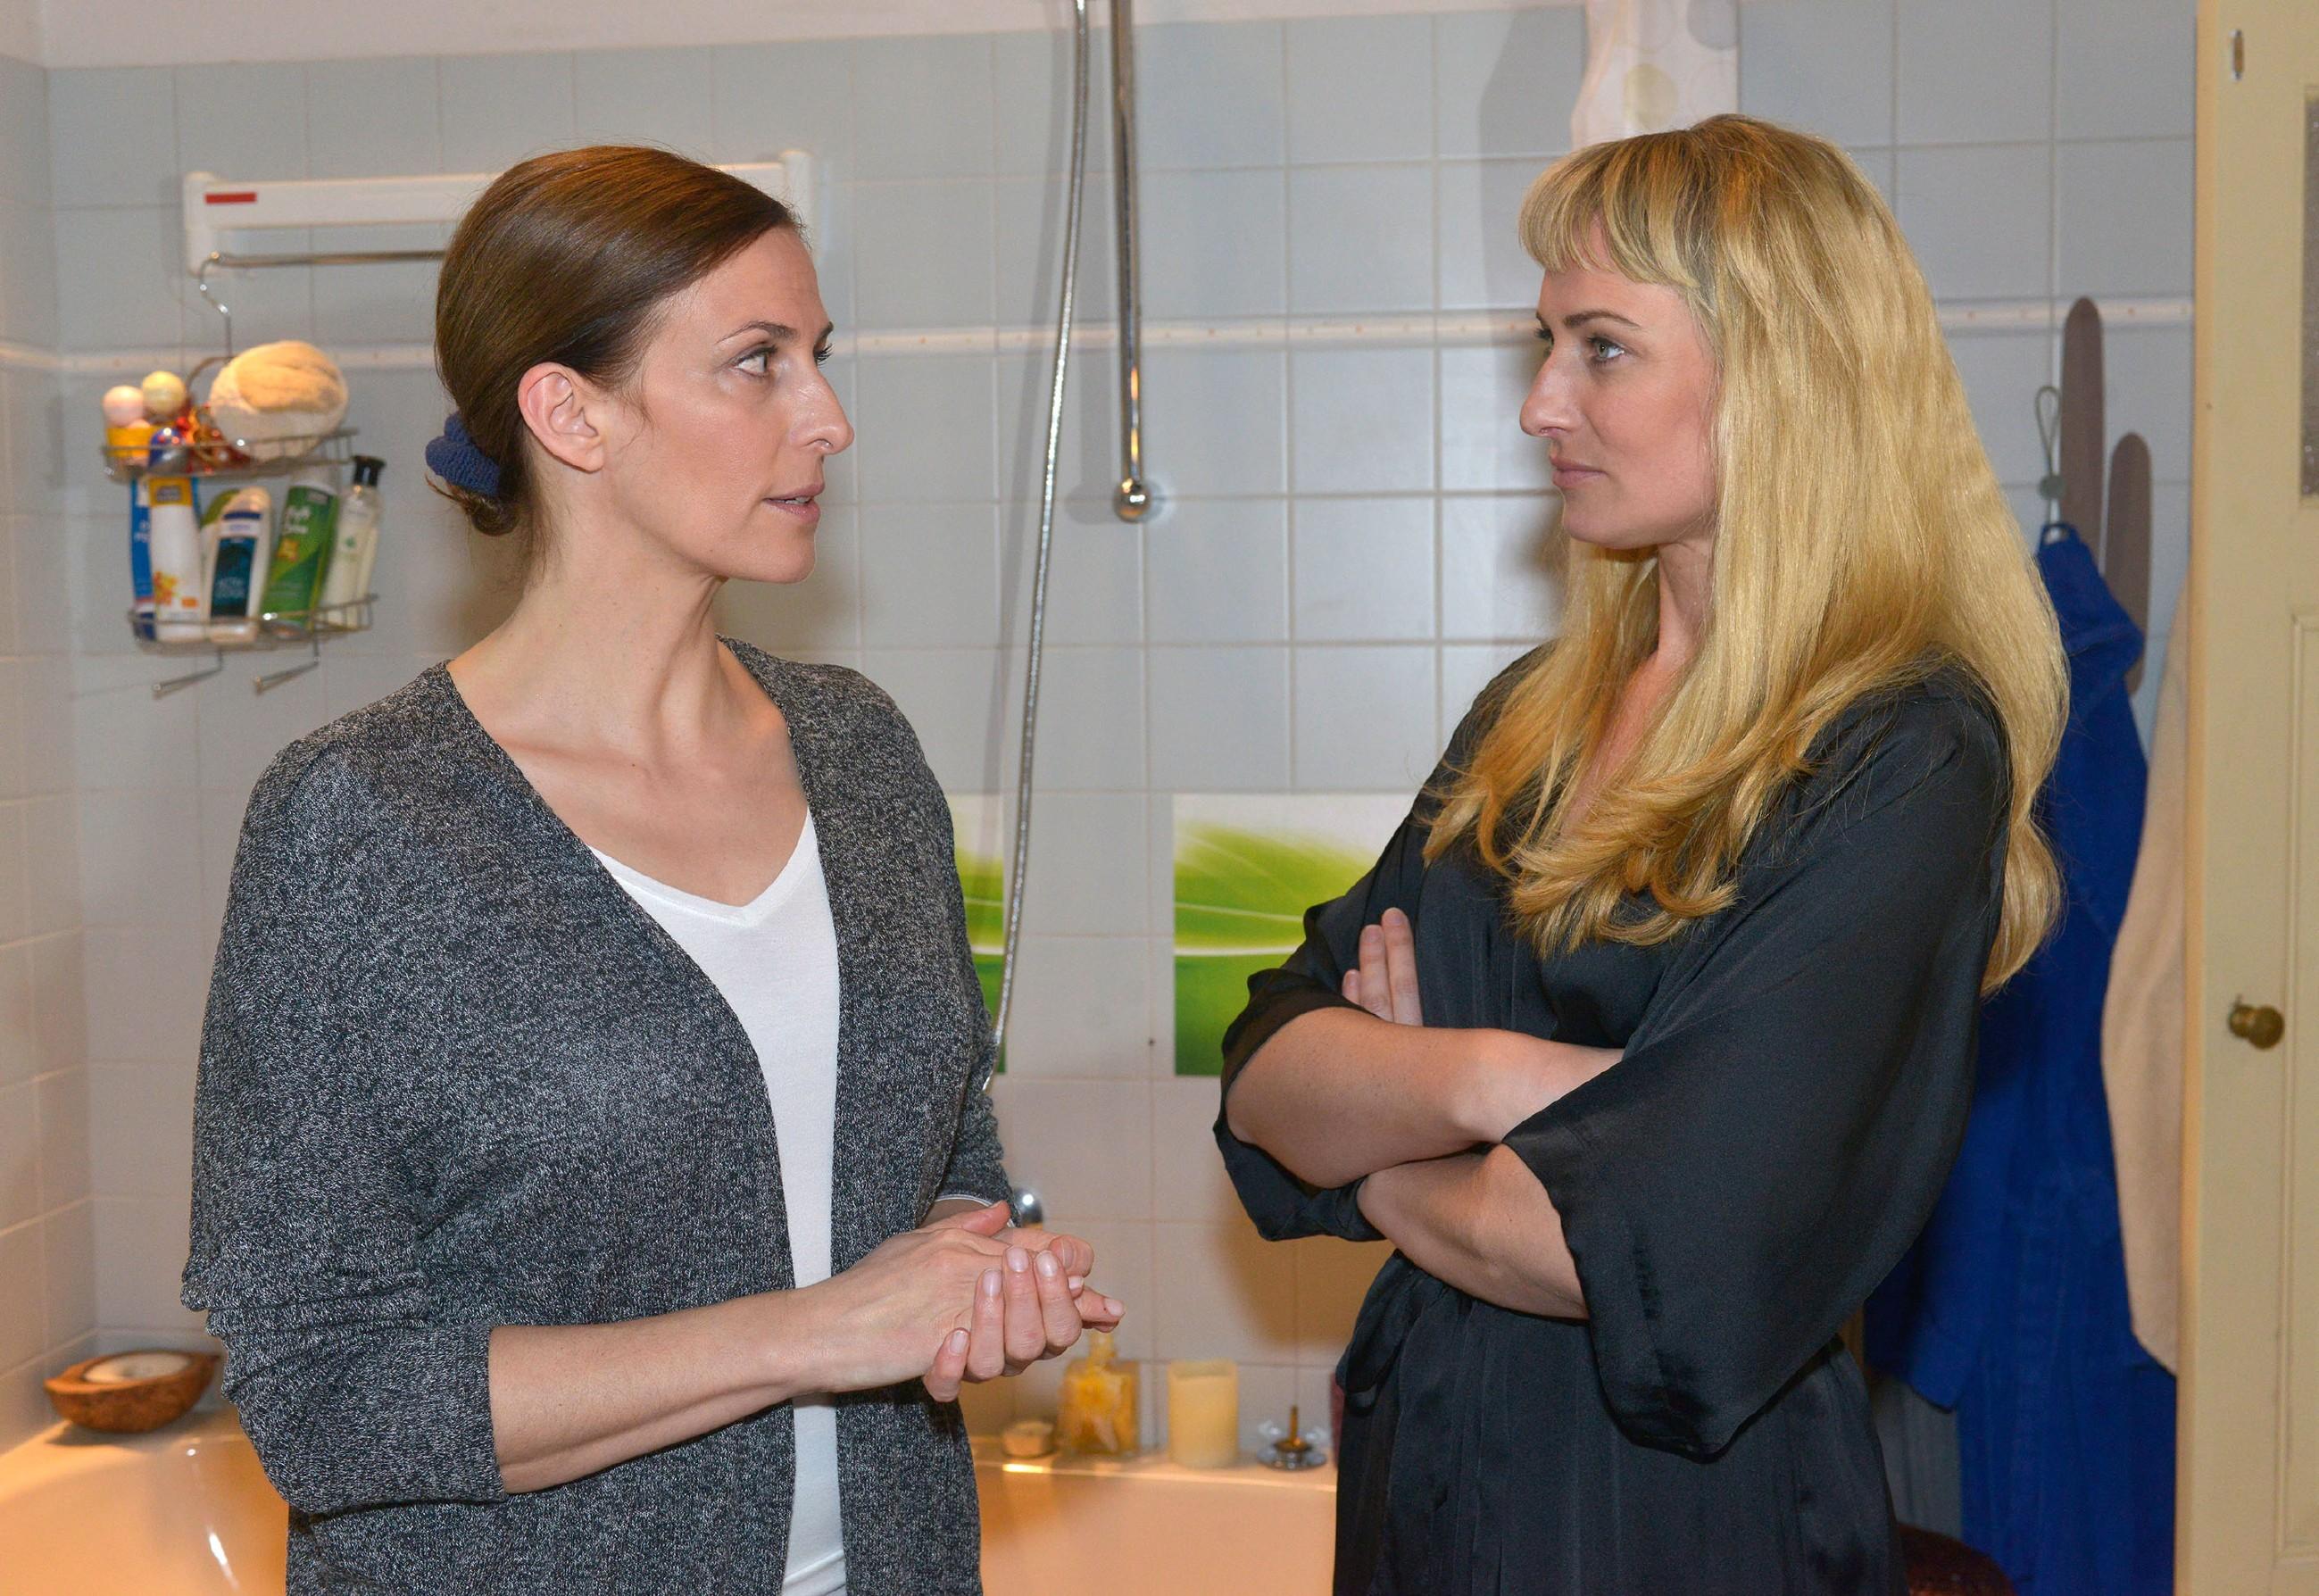 Katrin (Ulrike Frank, l.) versucht sich mit Maren (Eva Mona Rodekirchen) auszusprechen, aber die kann deren Drohung einfach nicht vergessen. (Quelle: RTL / Rolf Baumgartner)